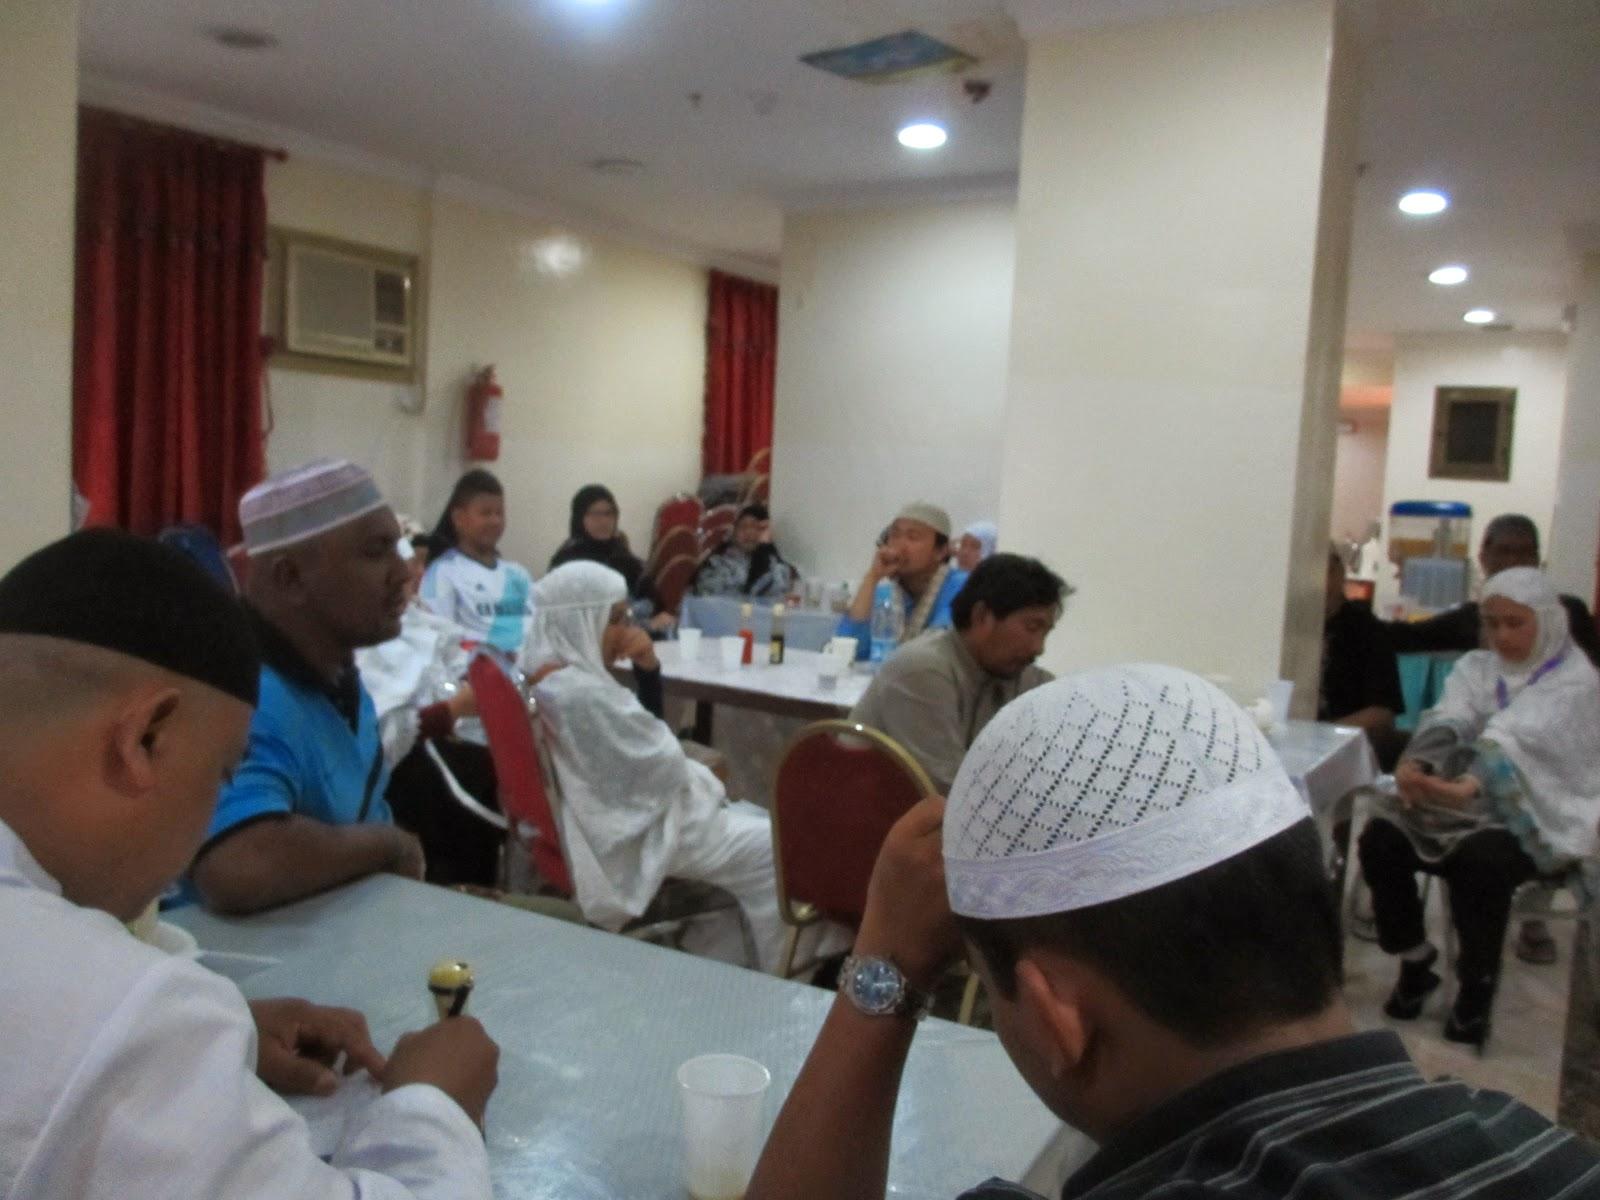 Info Biro Perjalanan Umroh Jakarta Nyaman, Bagus, dan Terpercaya